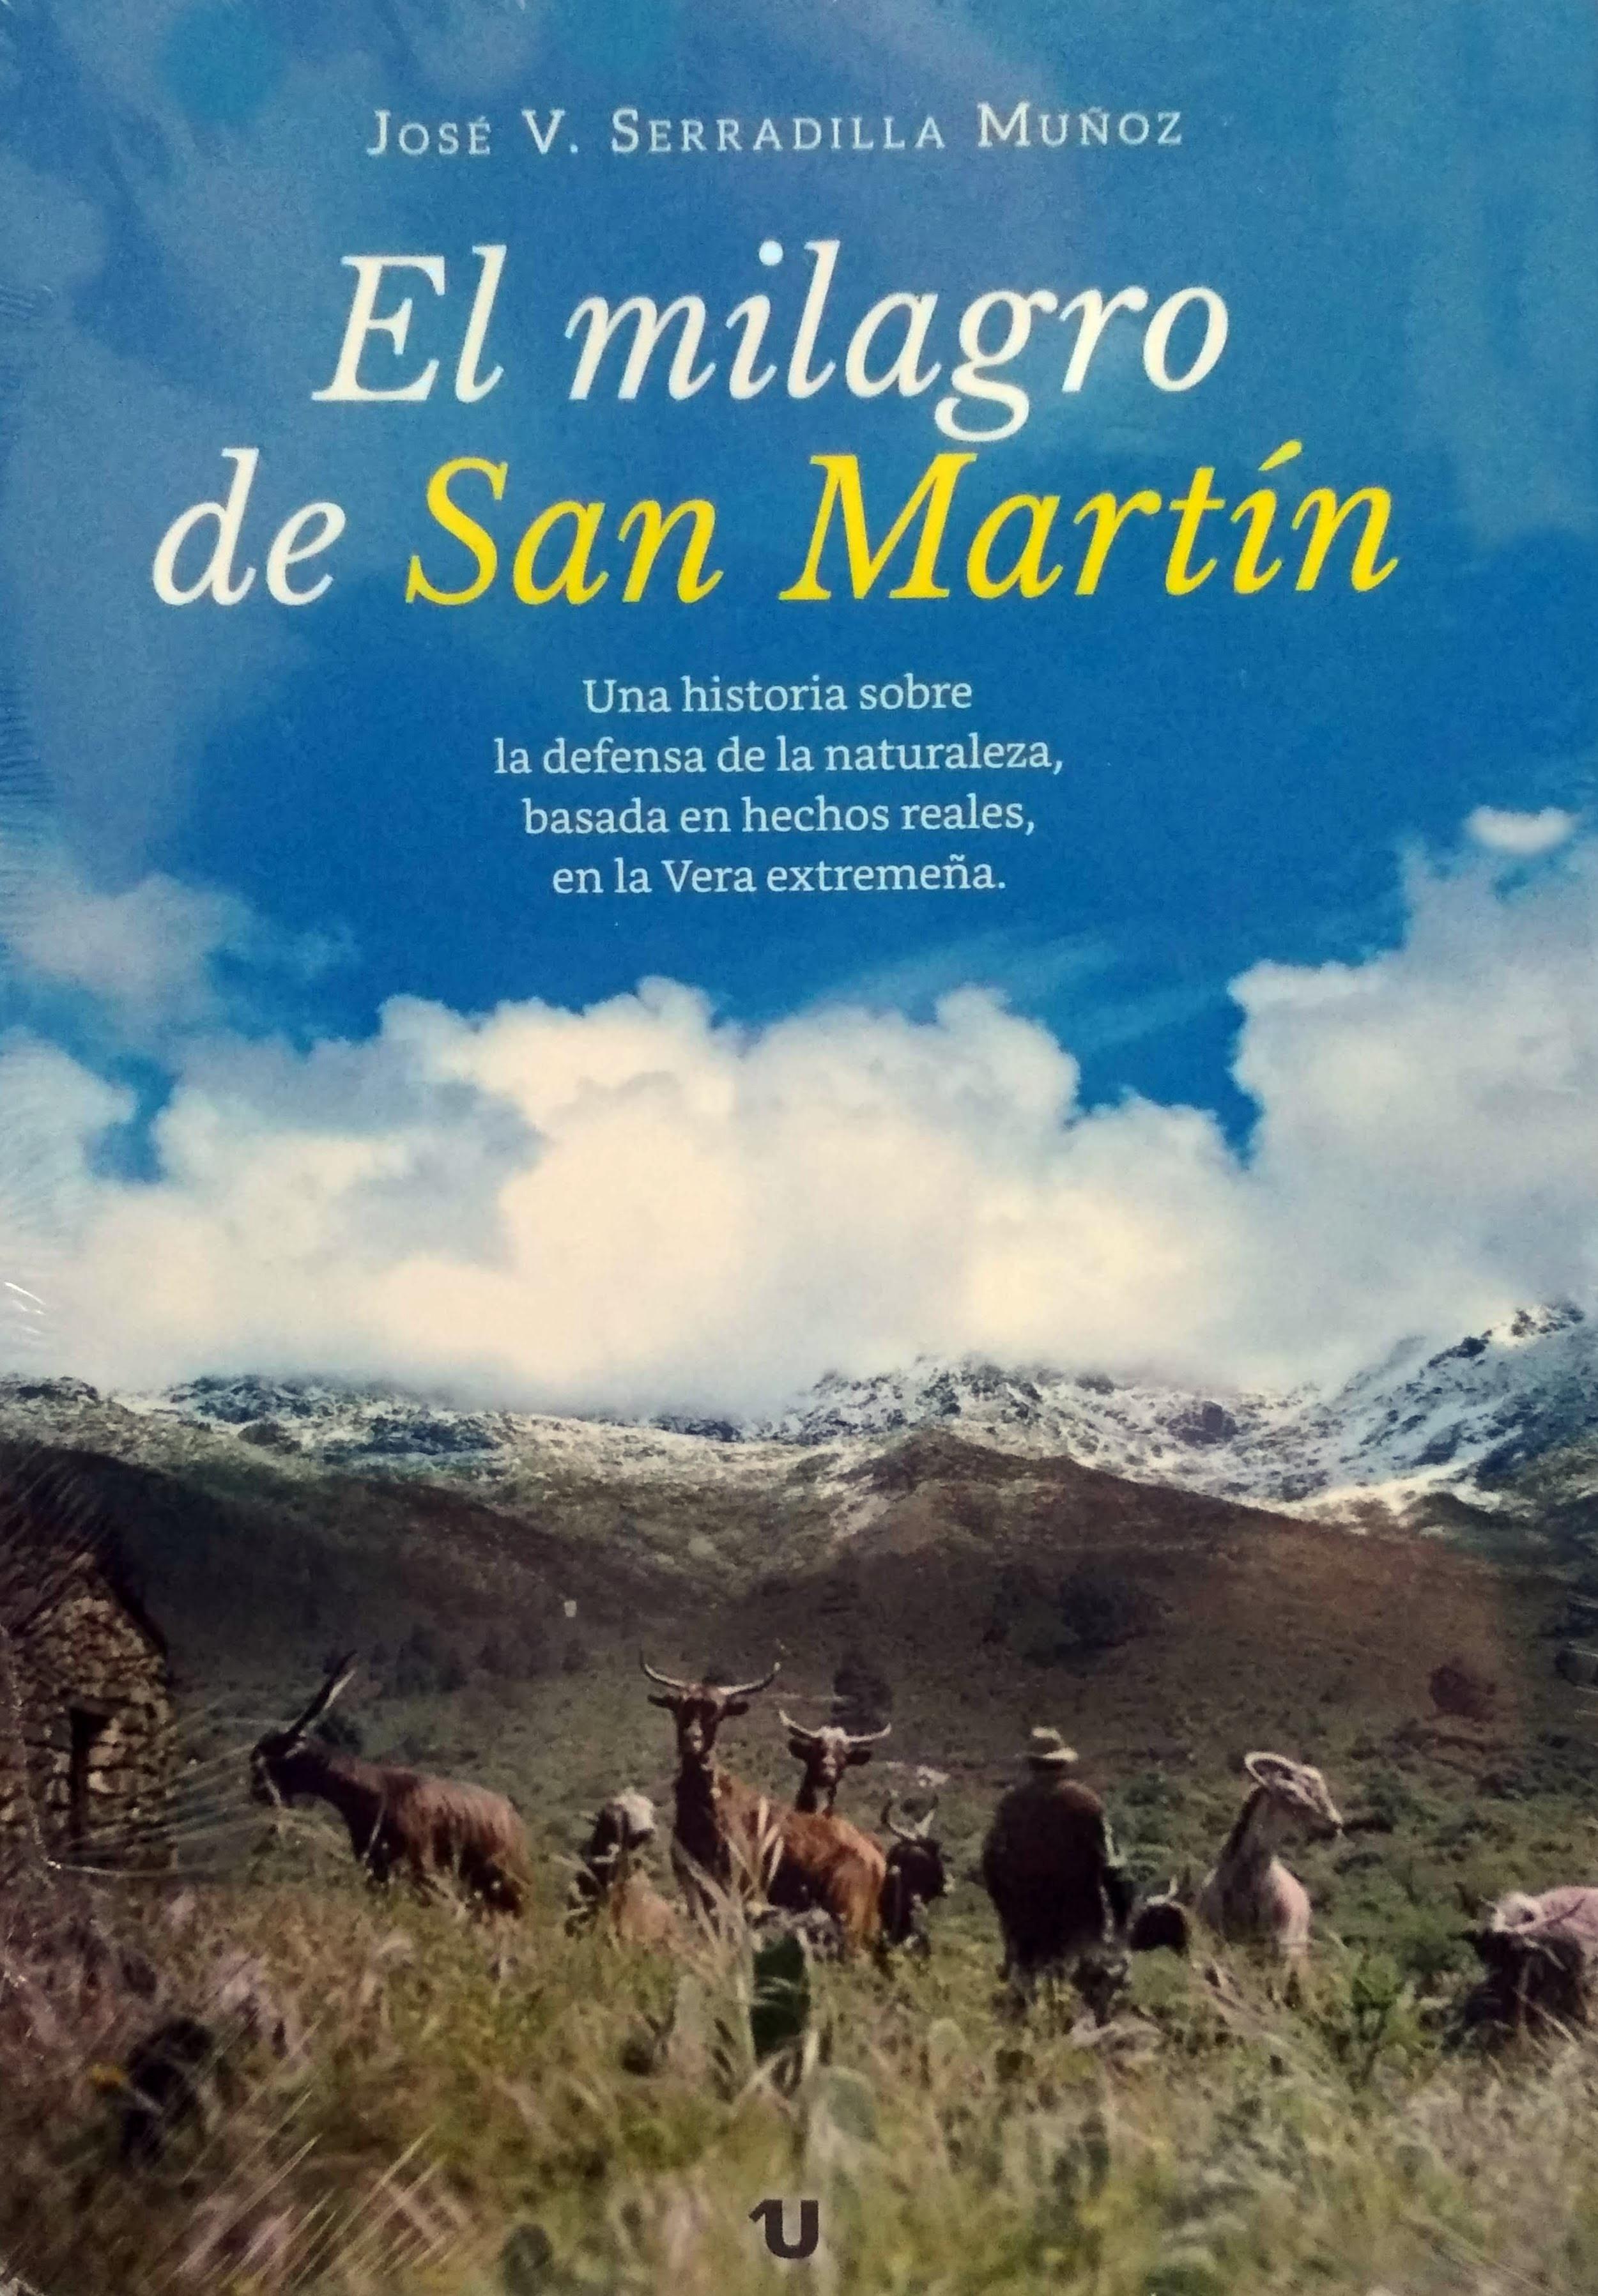 El milagro de San Martín